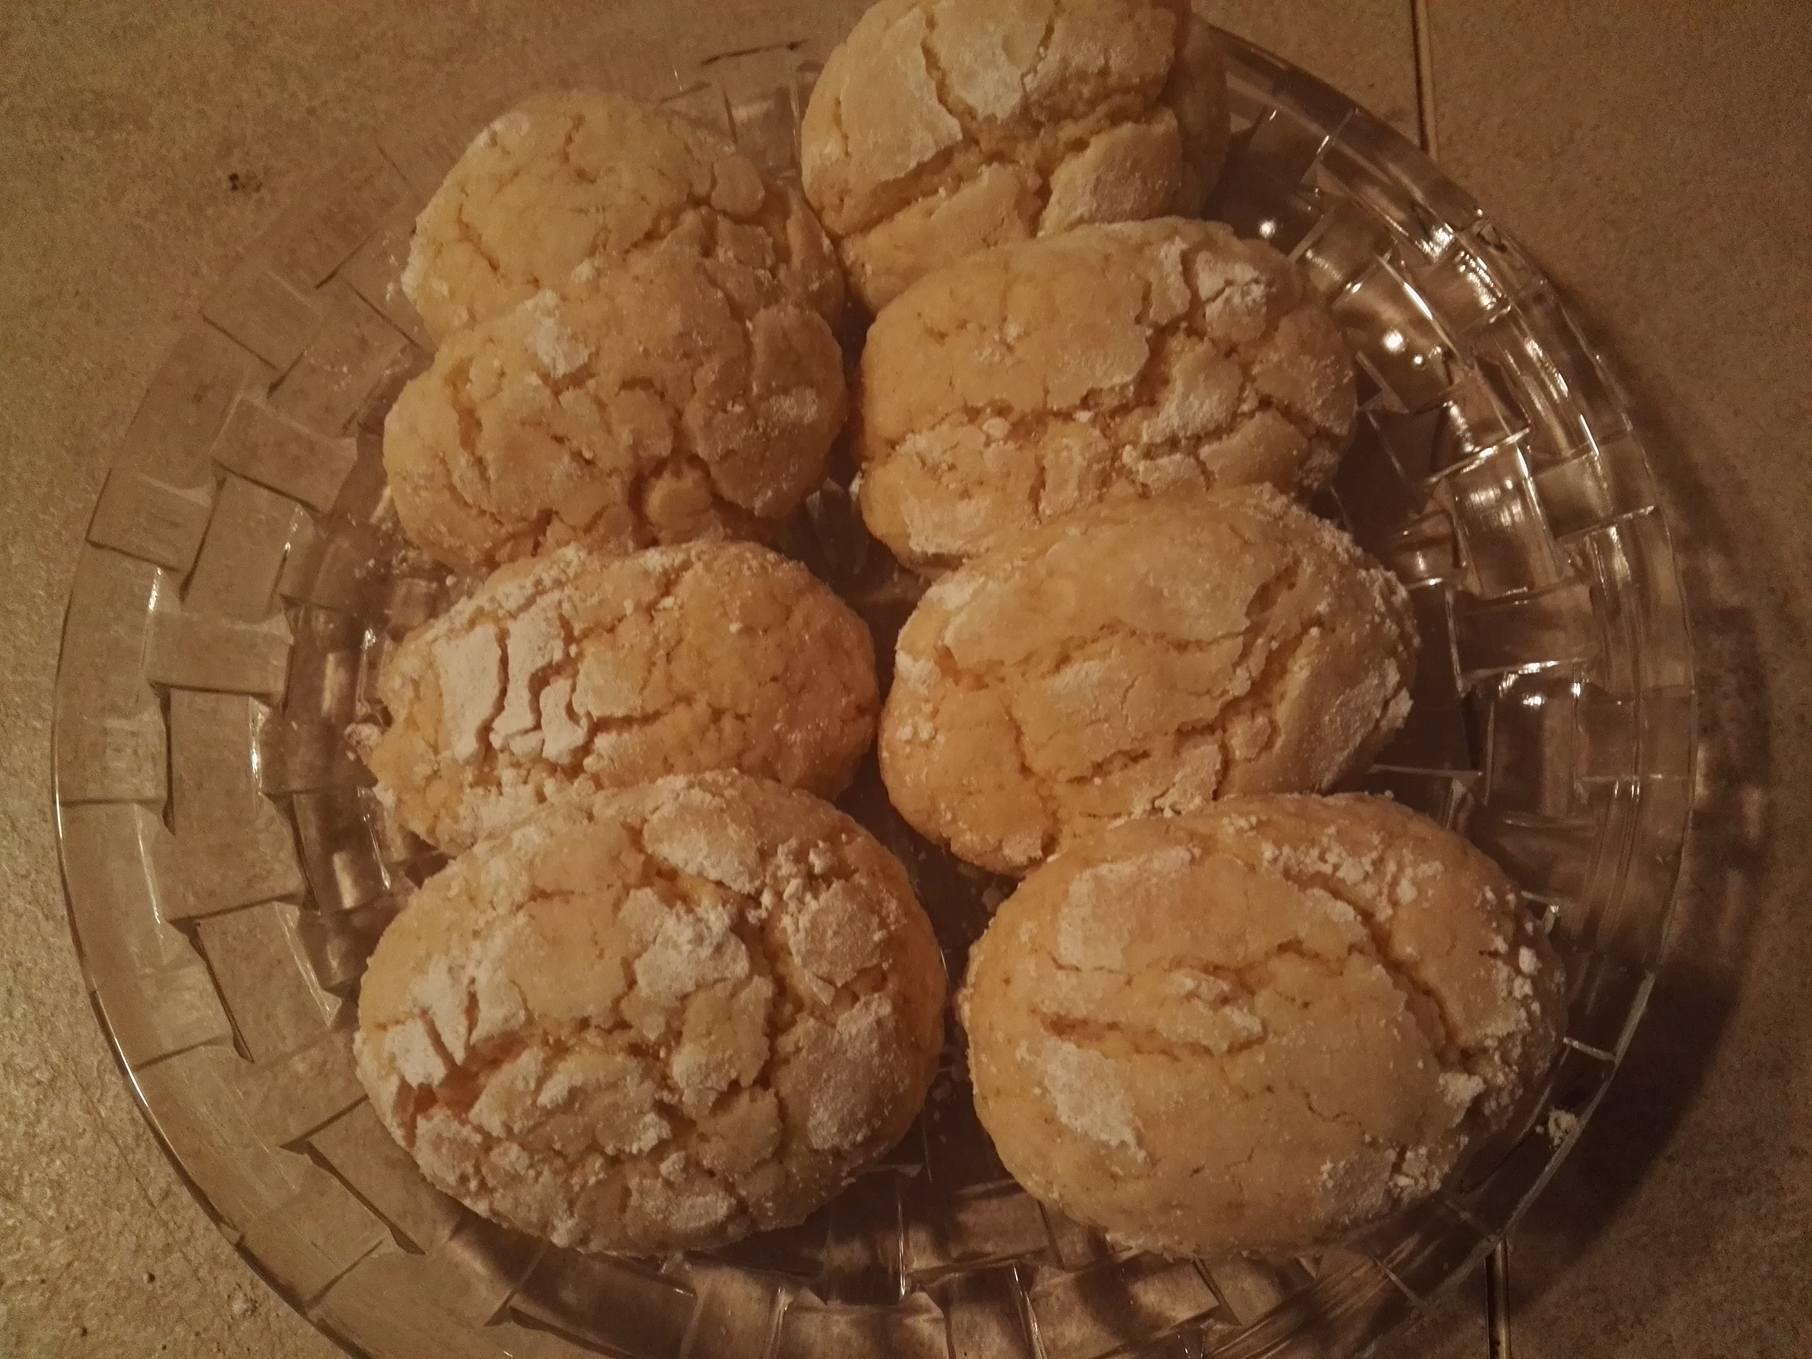 biscotti al limoncello / amaretto